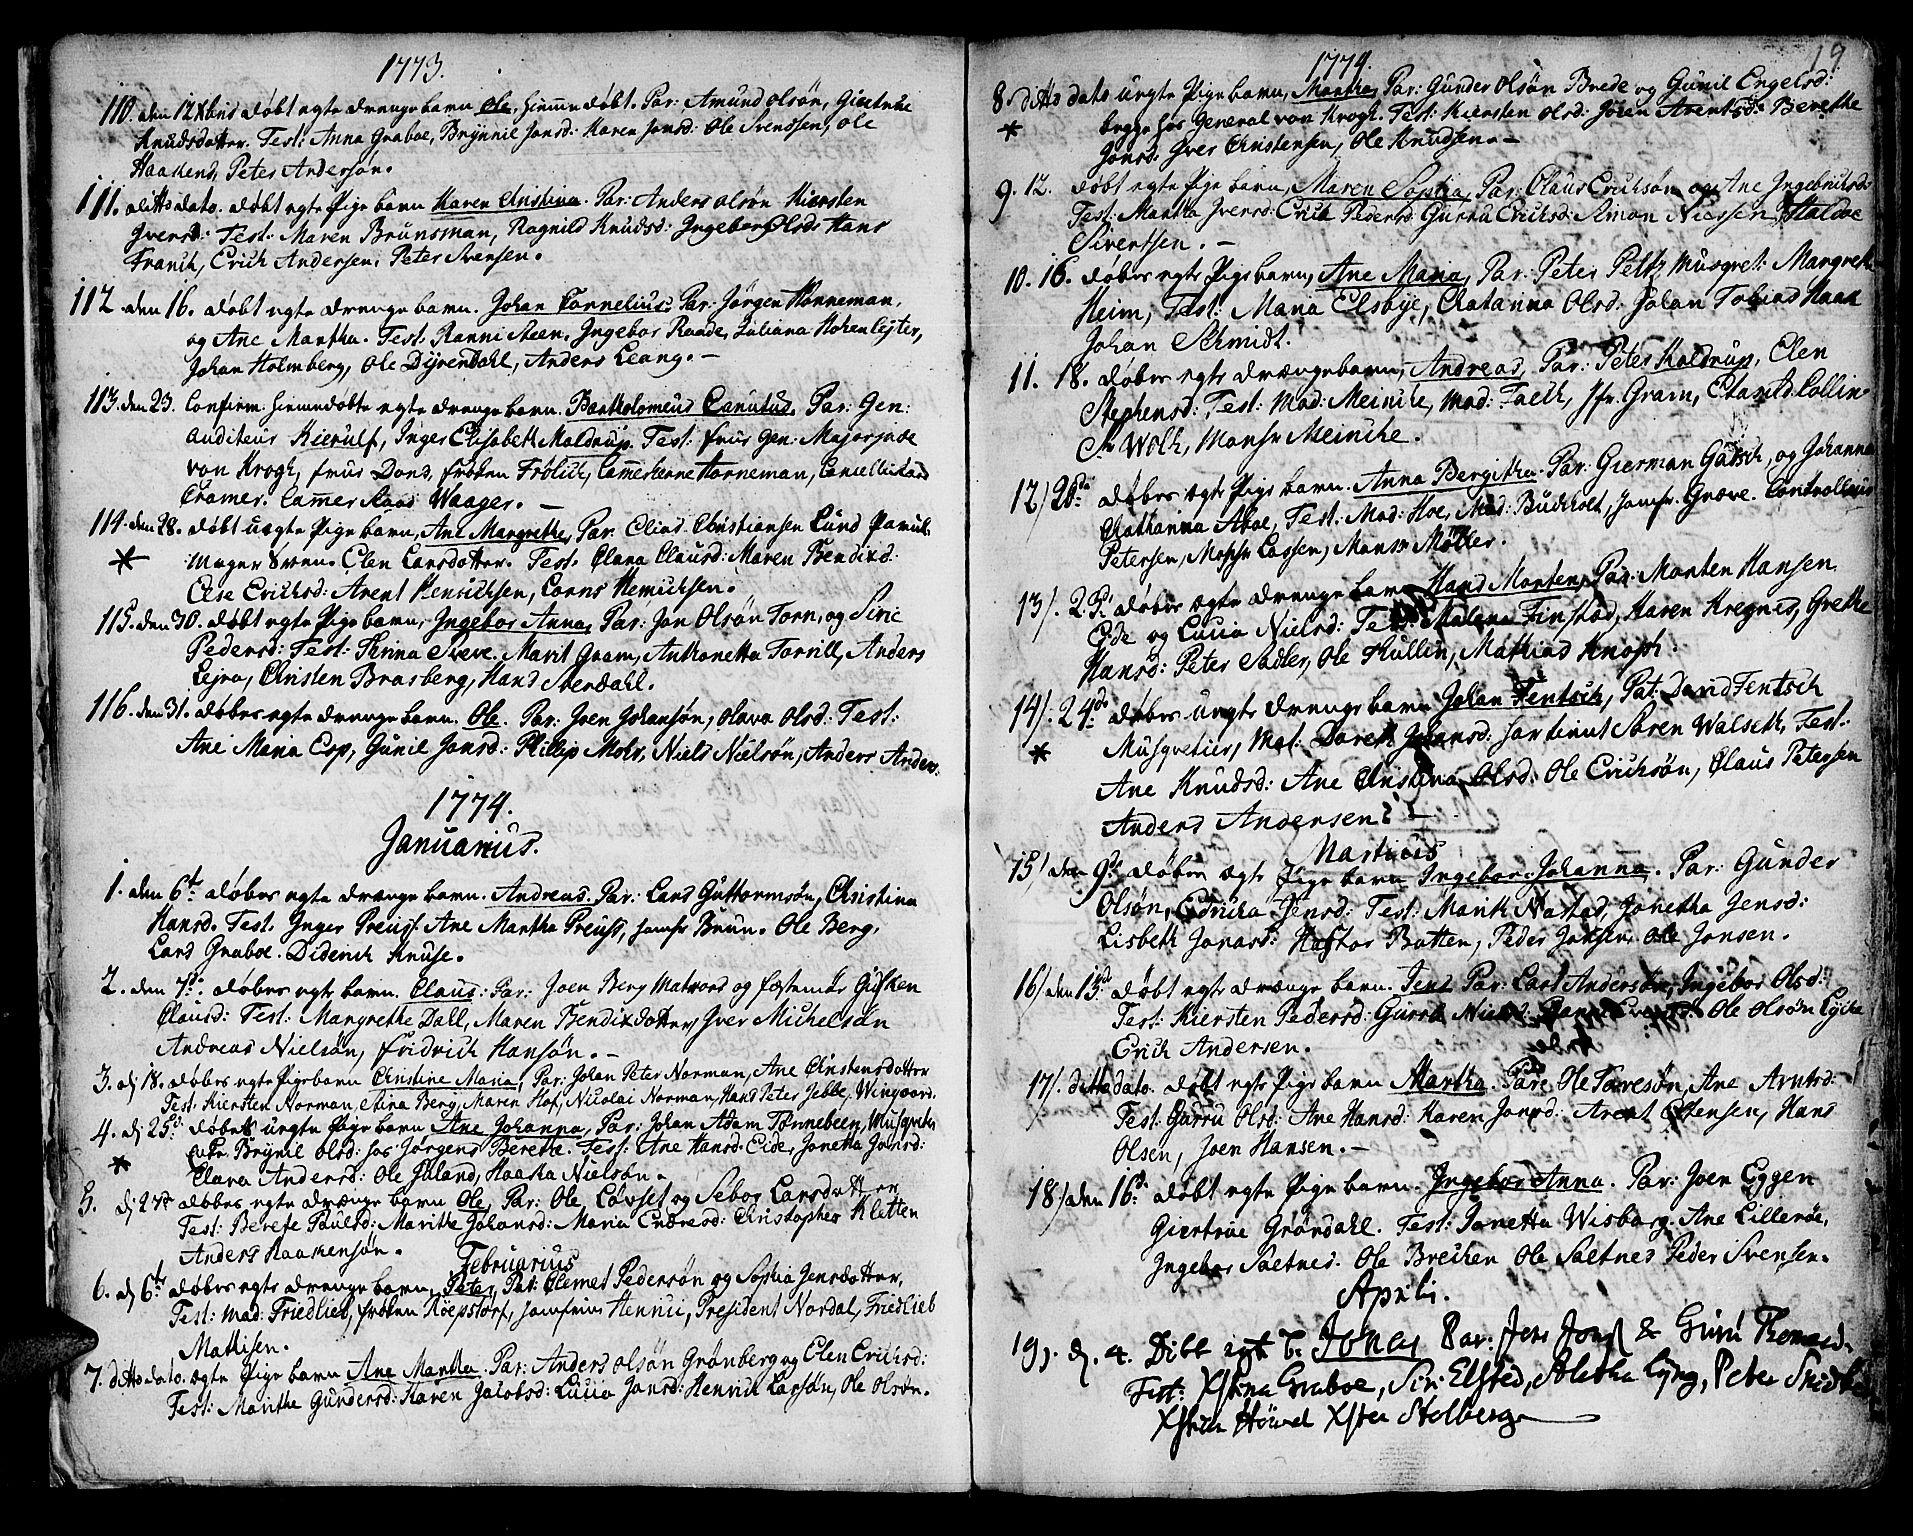 SAT, Ministerialprotokoller, klokkerbøker og fødselsregistre - Sør-Trøndelag, 601/L0039: Ministerialbok nr. 601A07, 1770-1819, s. 19